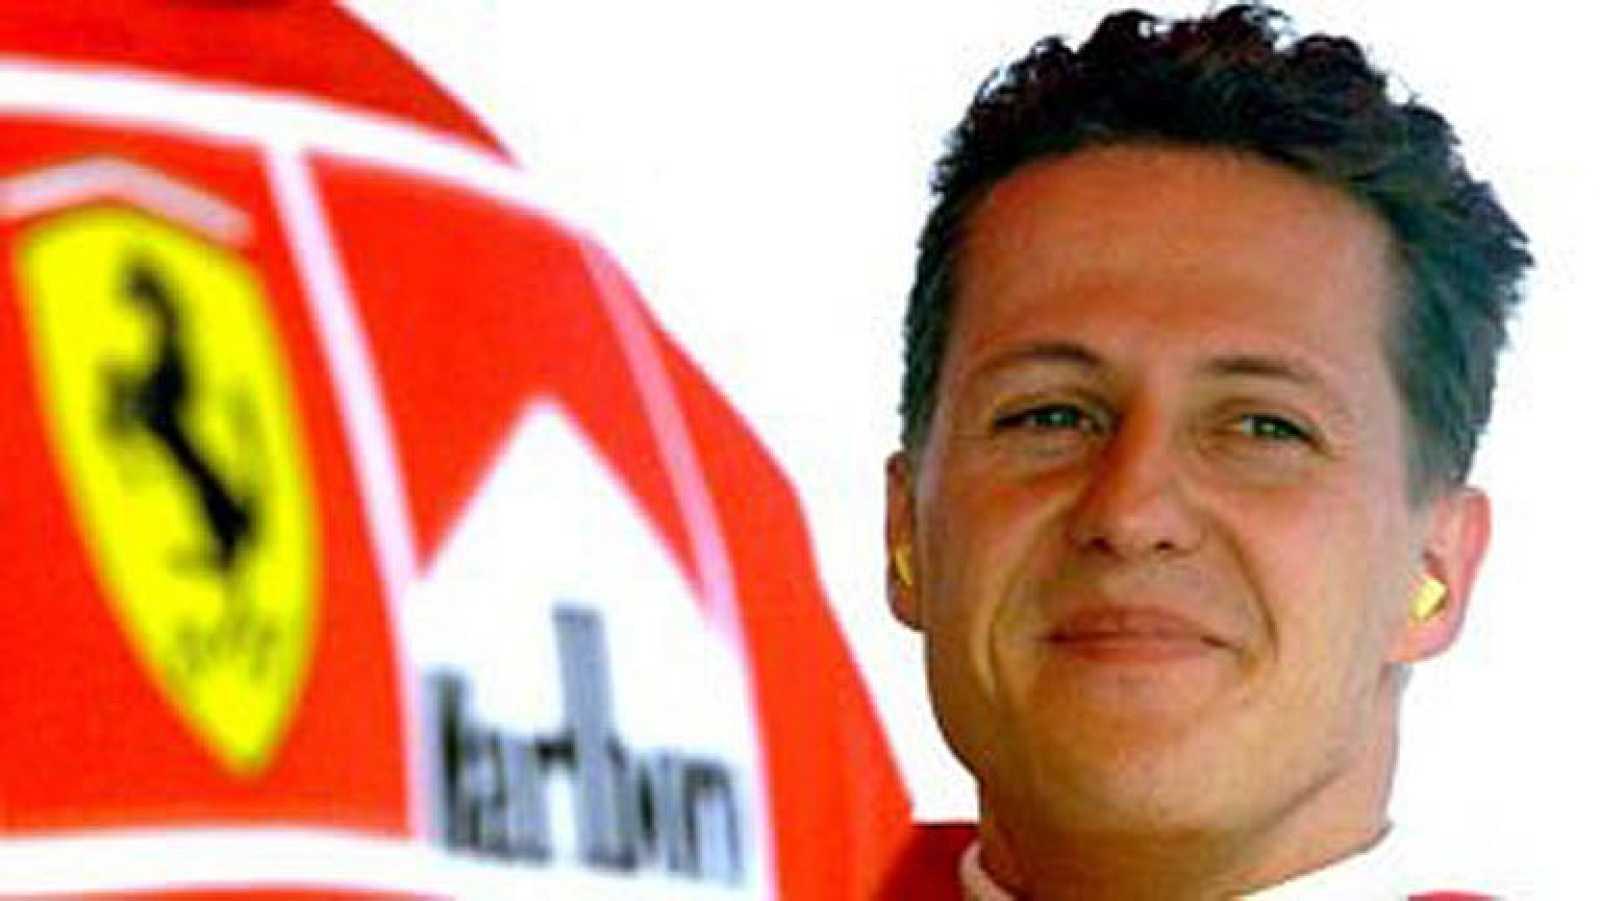 La familia de Schumacher insiste en que su vida todavía corre peligro